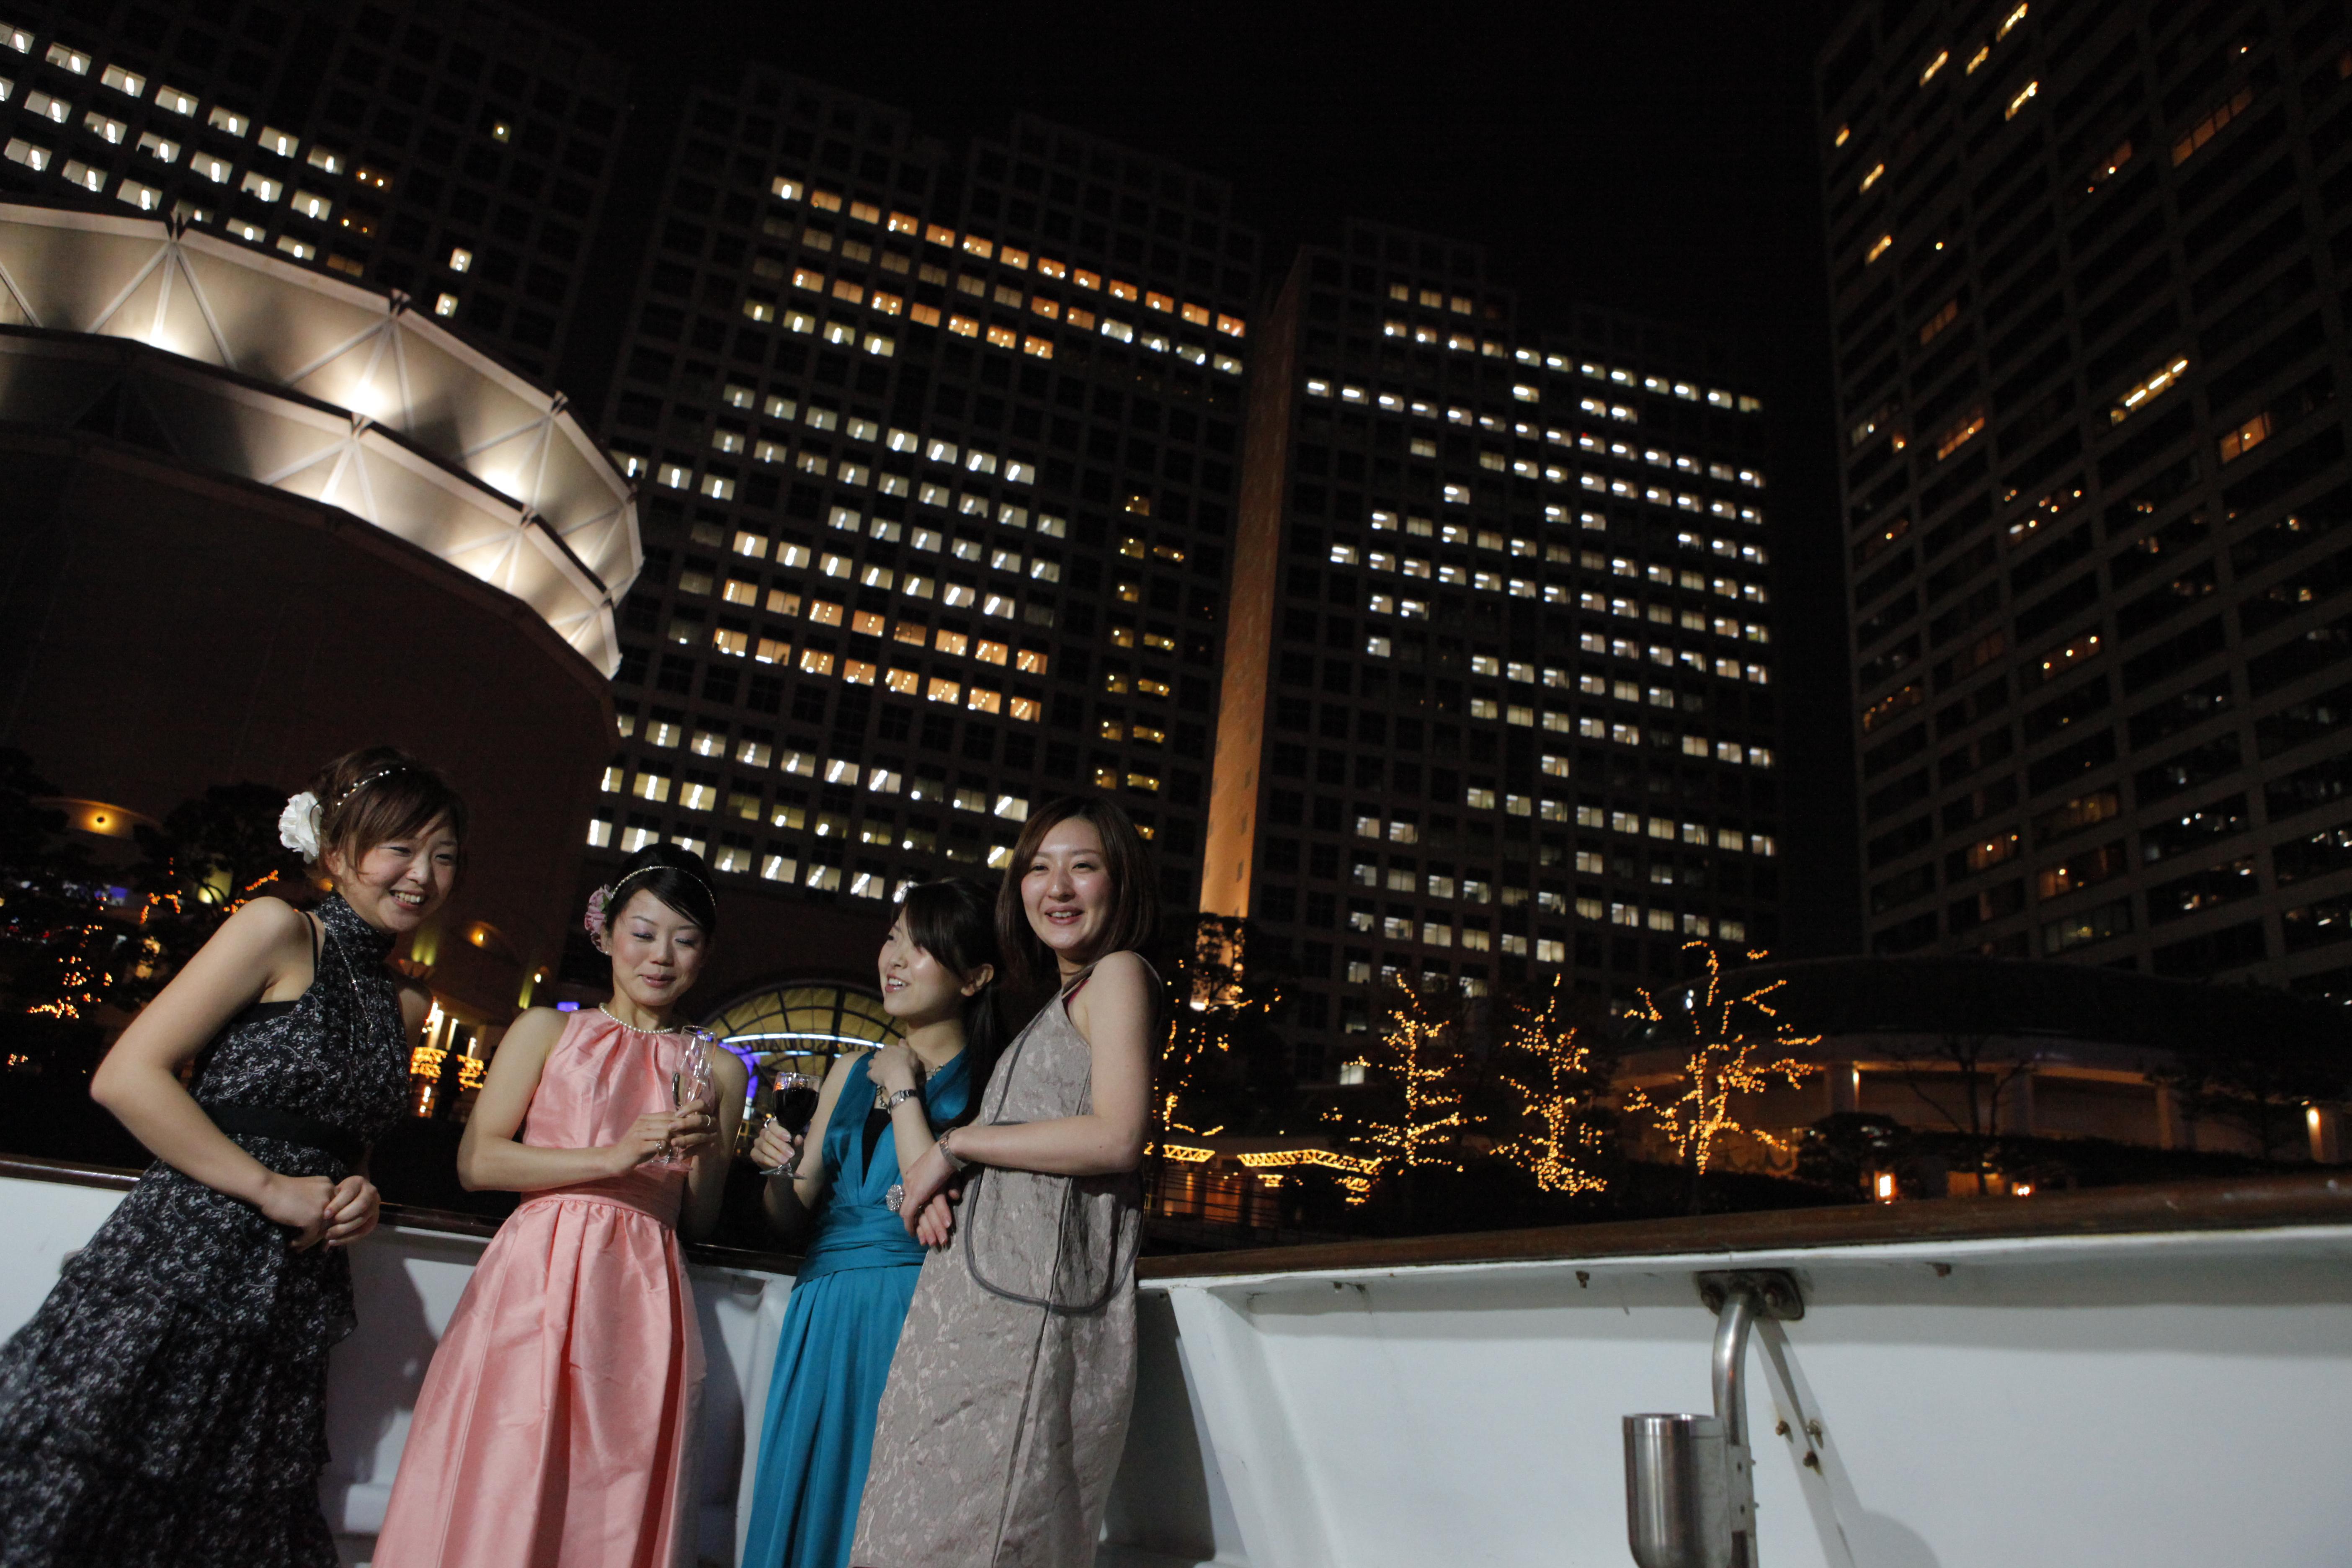 夜景とパーティードレスの女性達